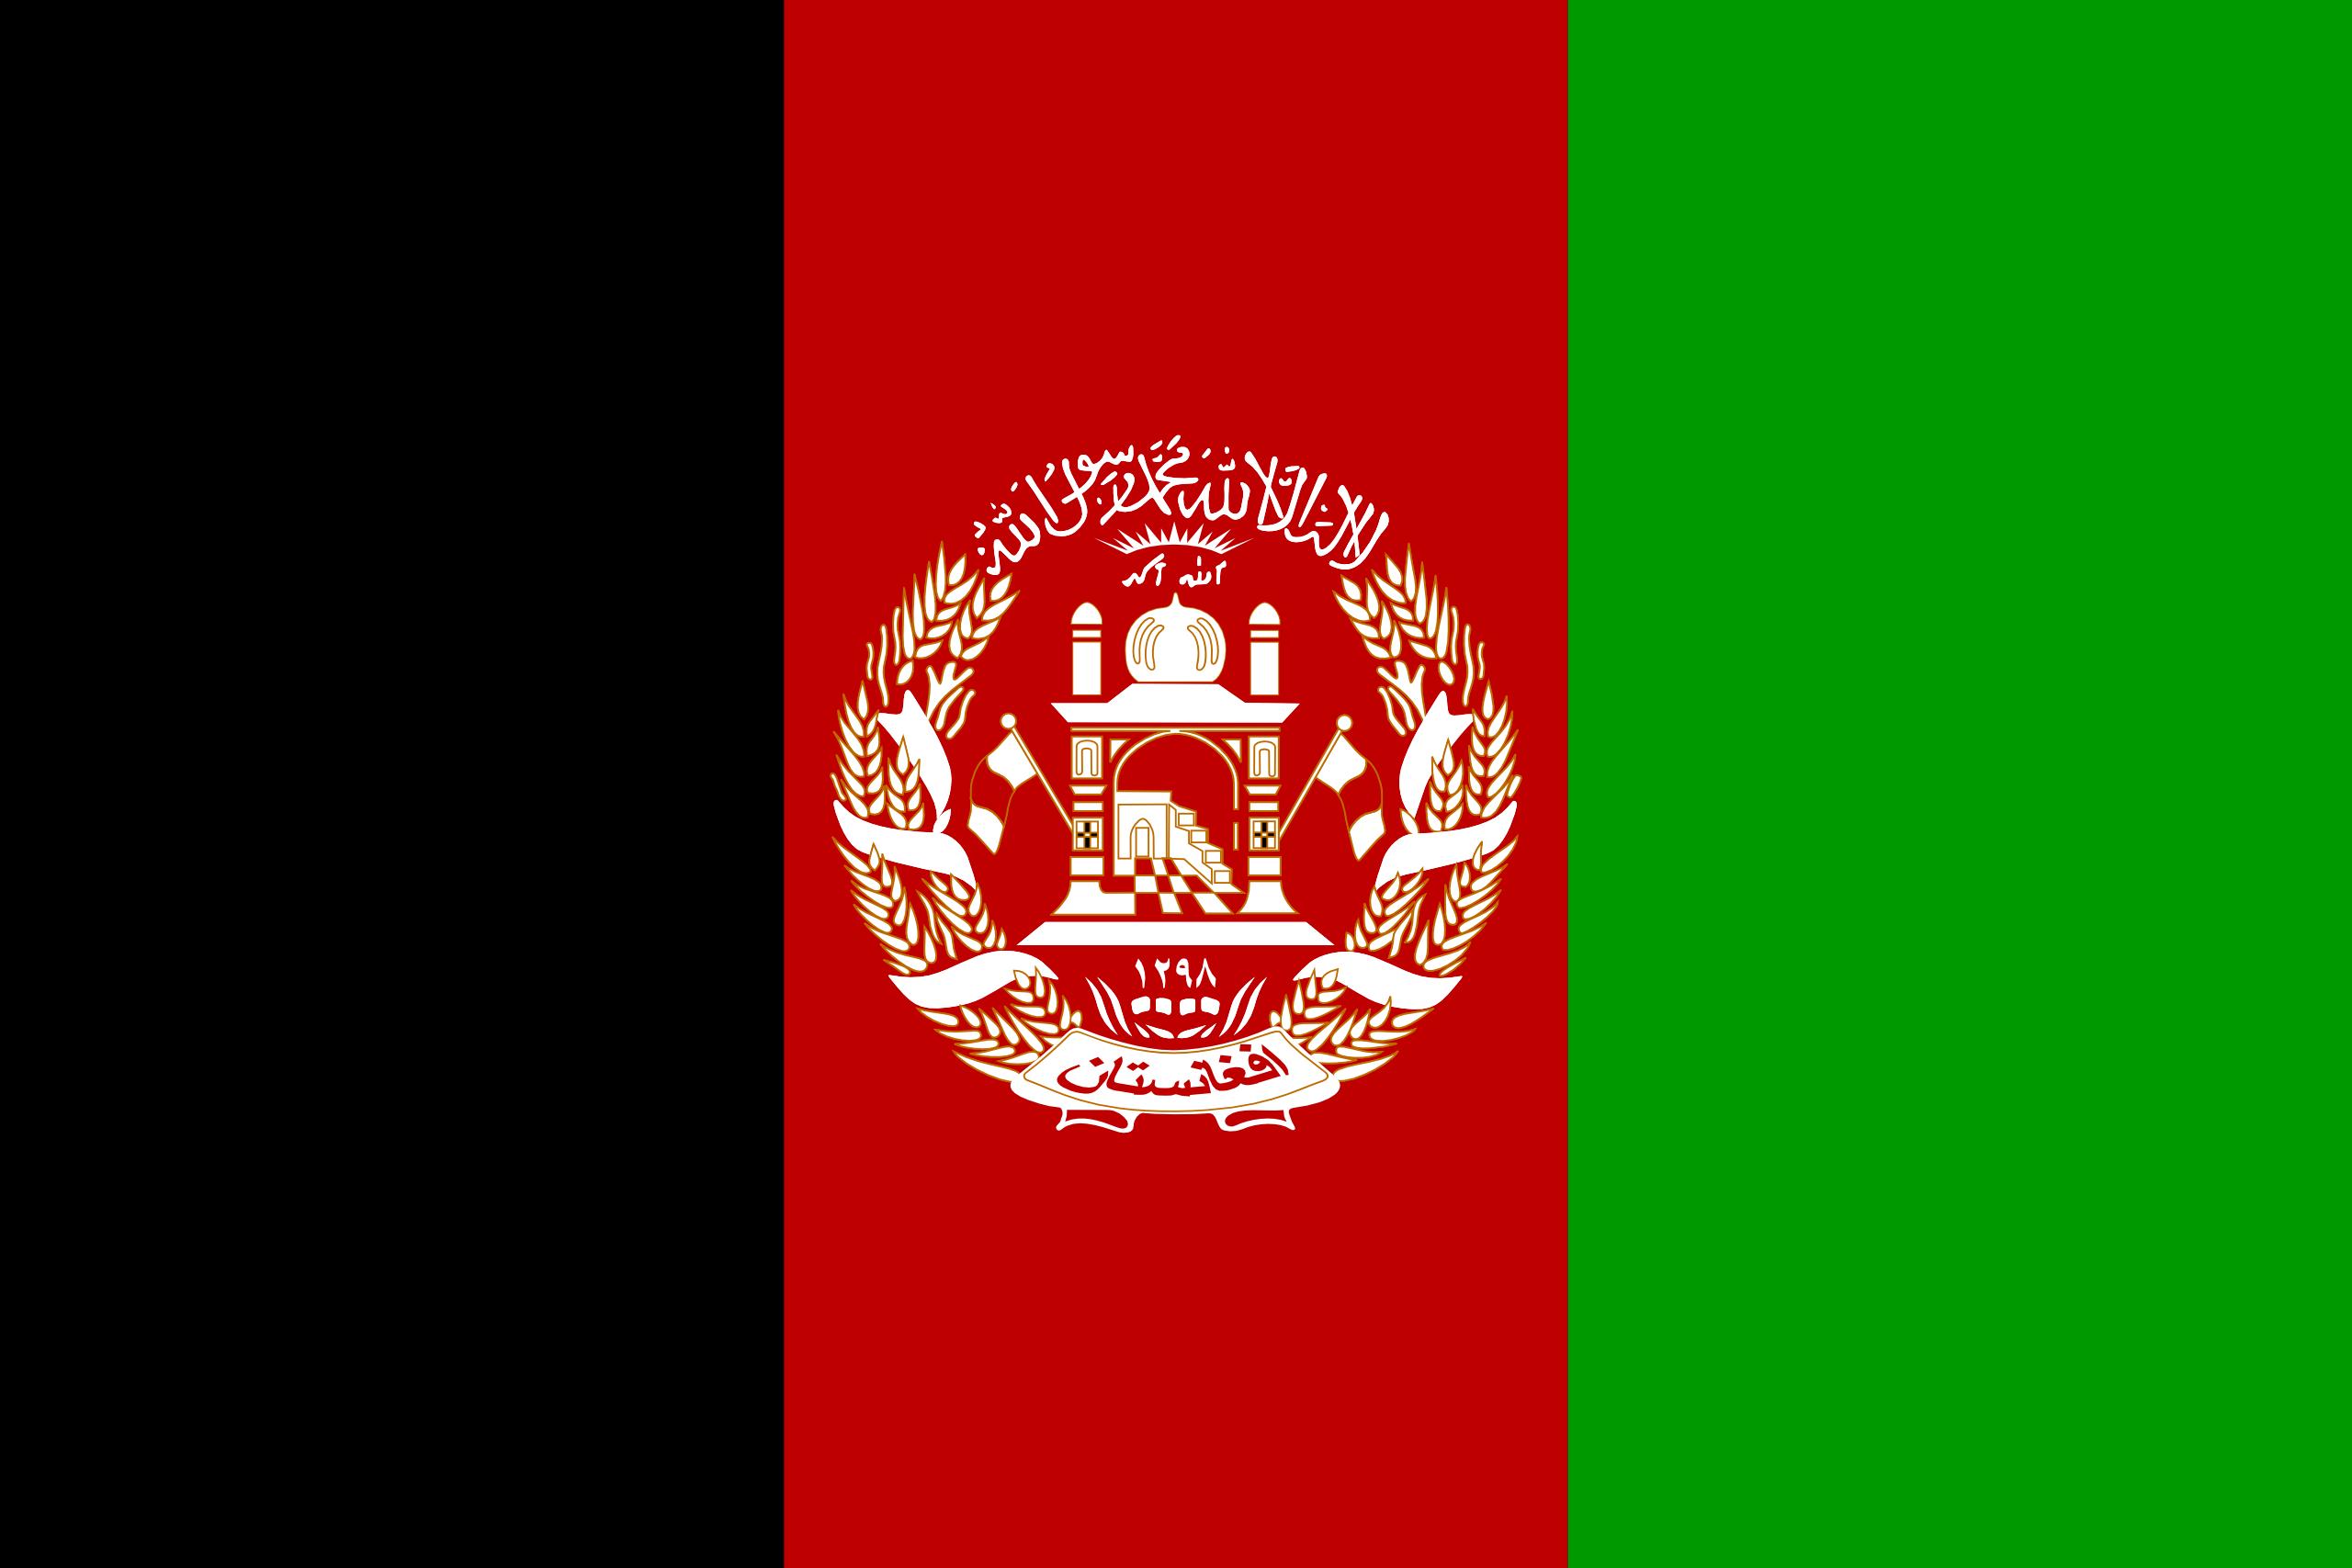 Afeganistão, país, Brasão de armas, logotipo, símbolo - Papéis de parede HD - Professor-falken.com